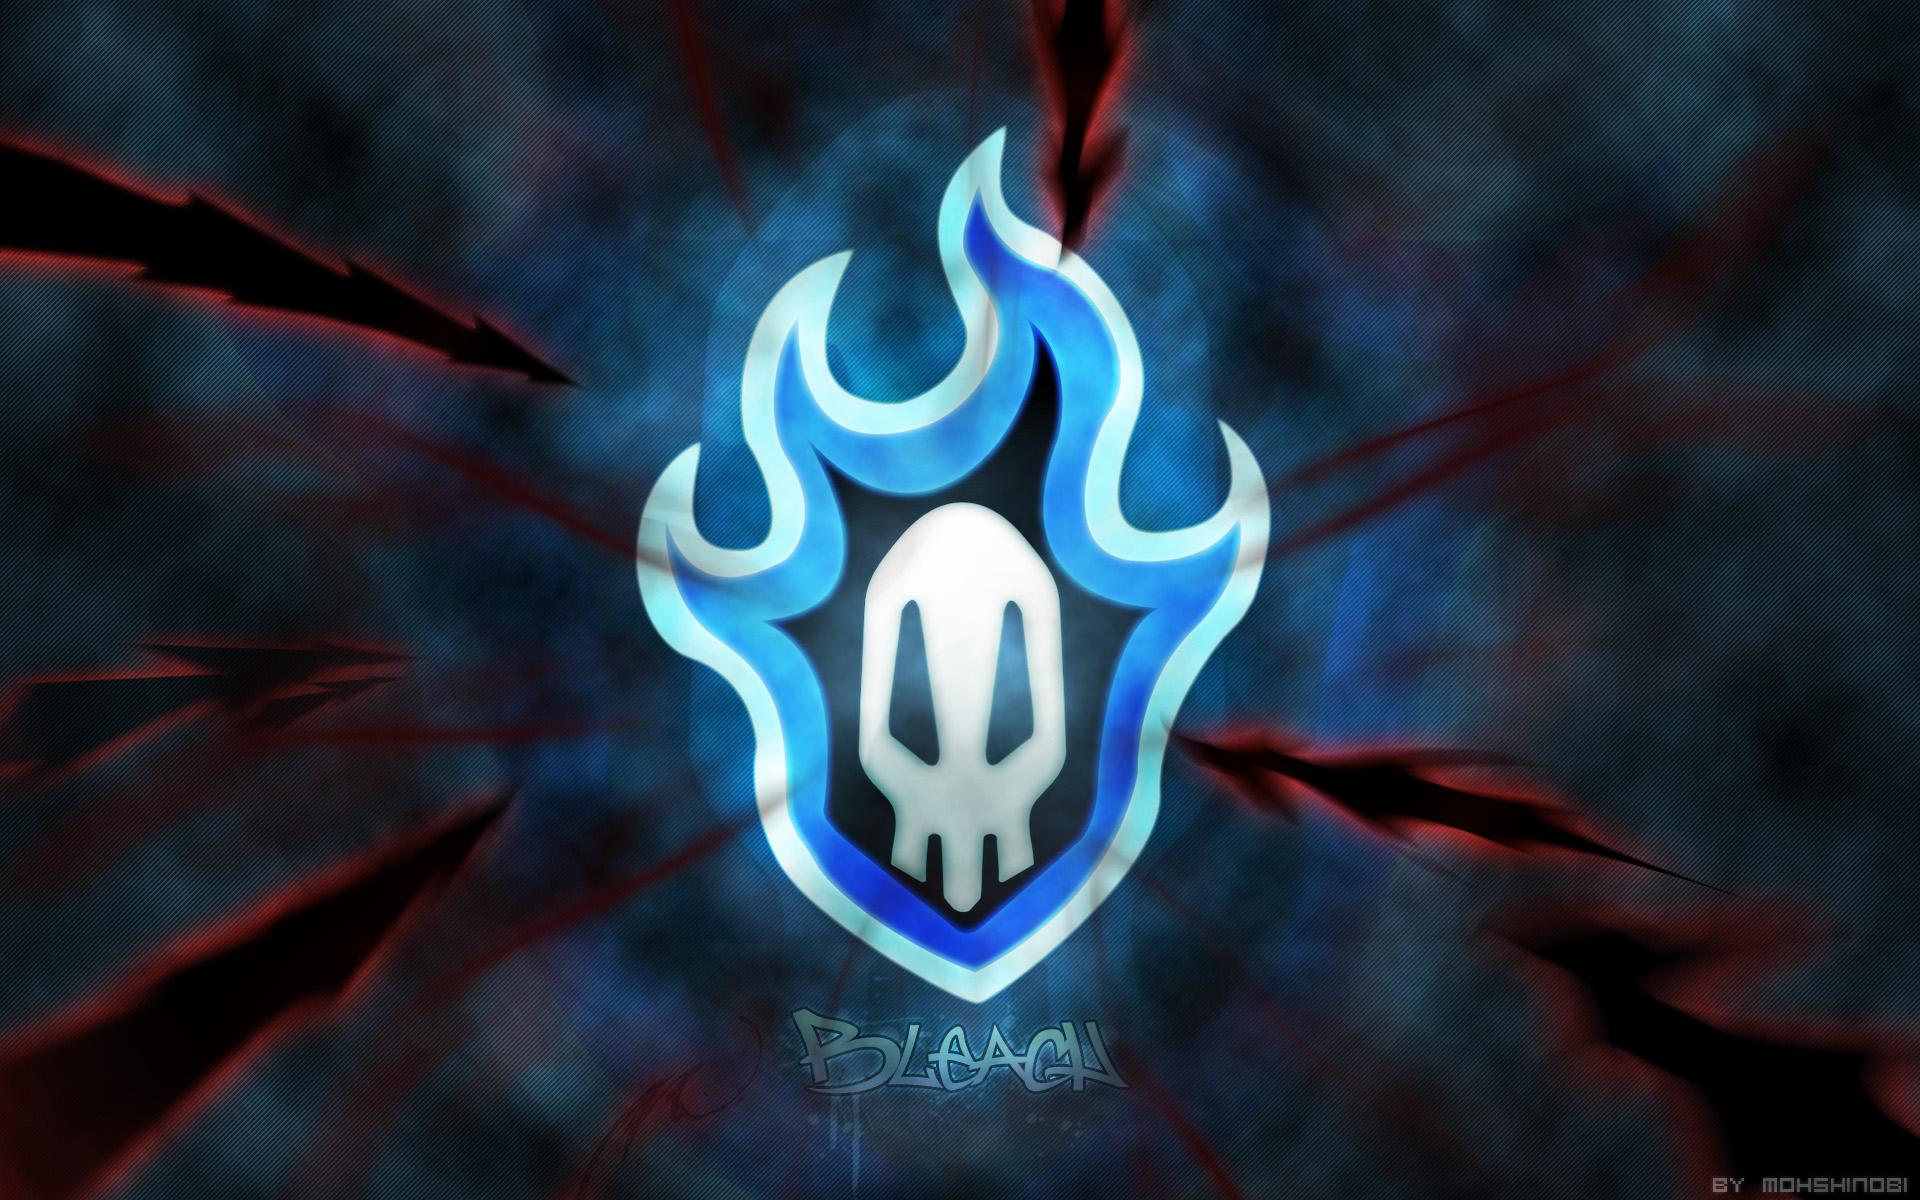 Bleach Wallpapers logo